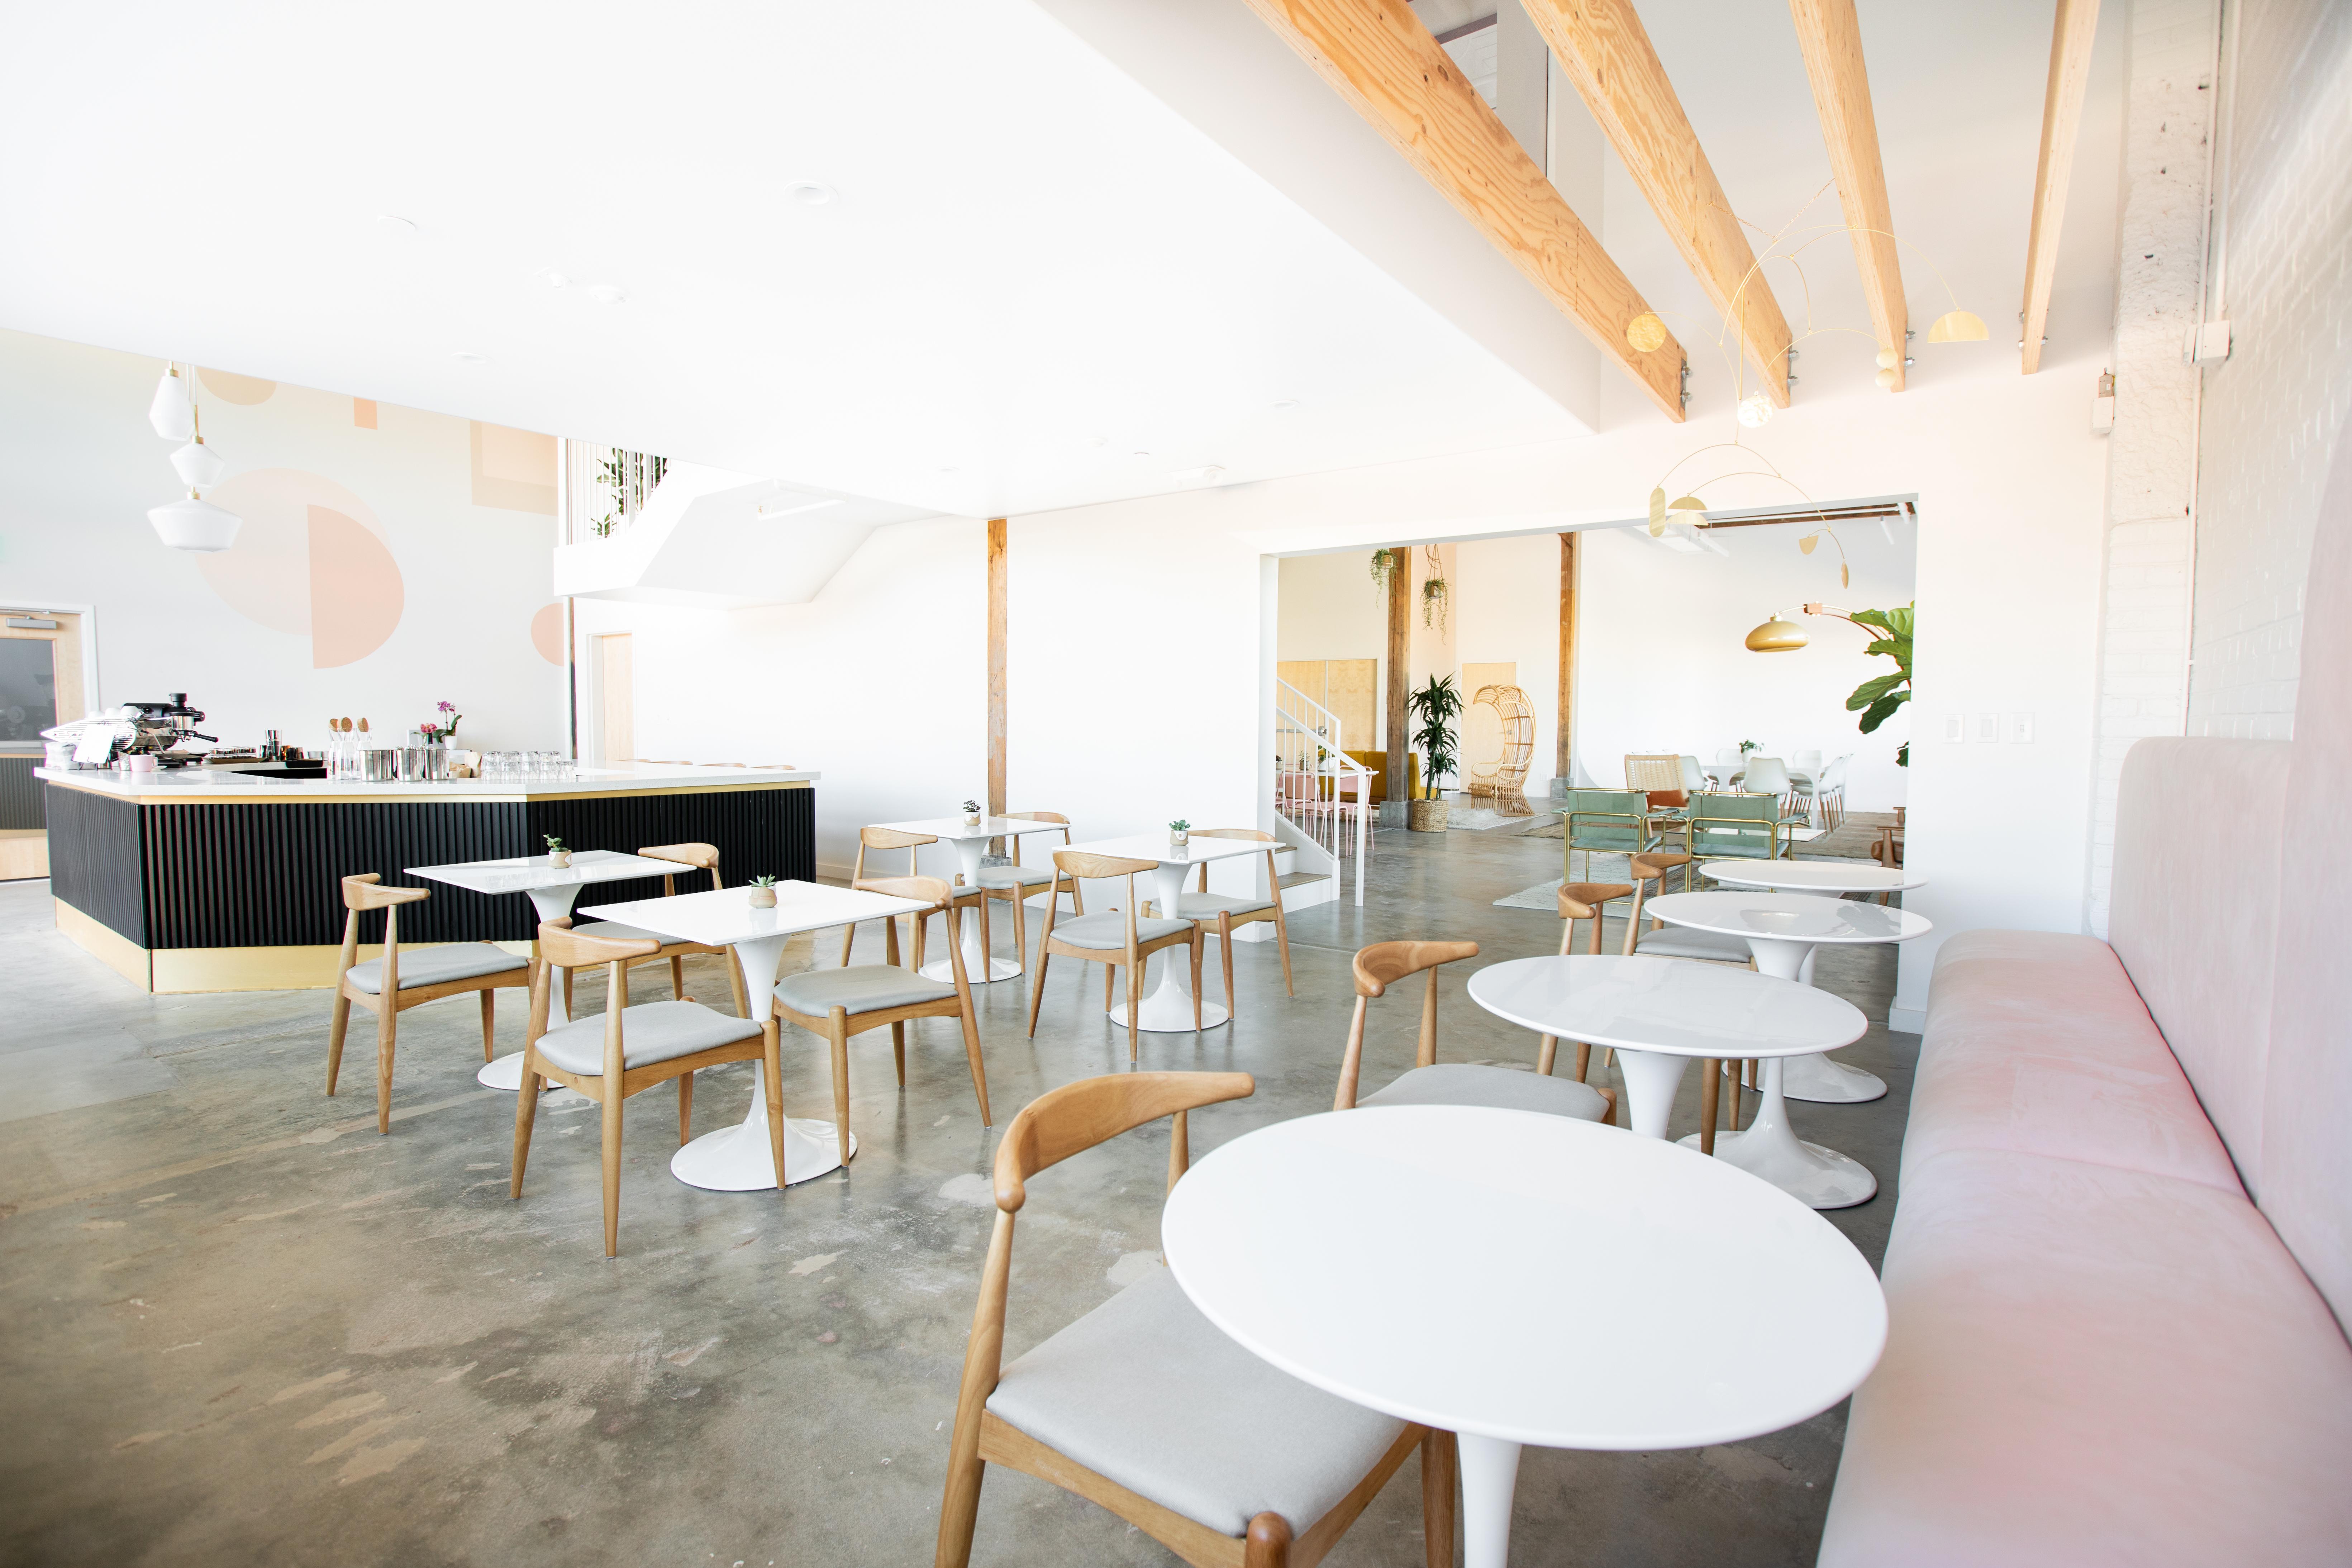 AMETHYST CAFE